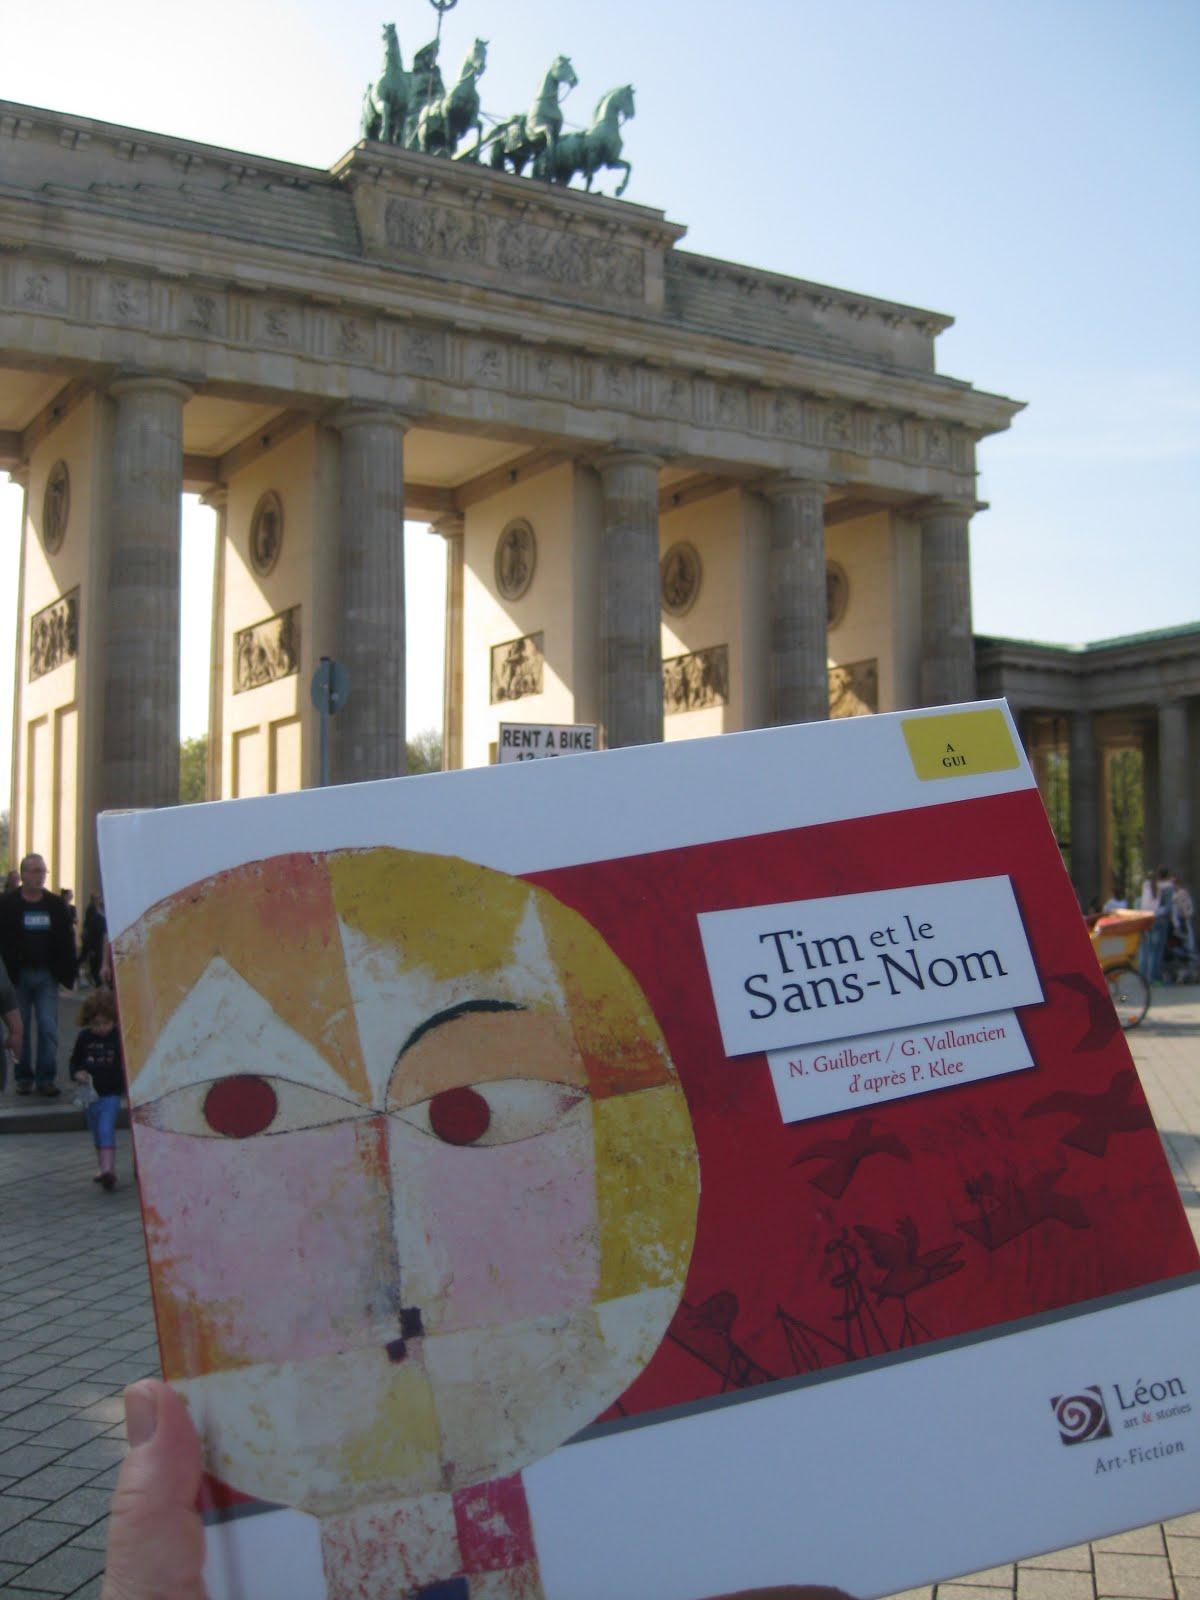 Tim et le Sans-Nom à la médiathèque de l'Institut Français de Berlin